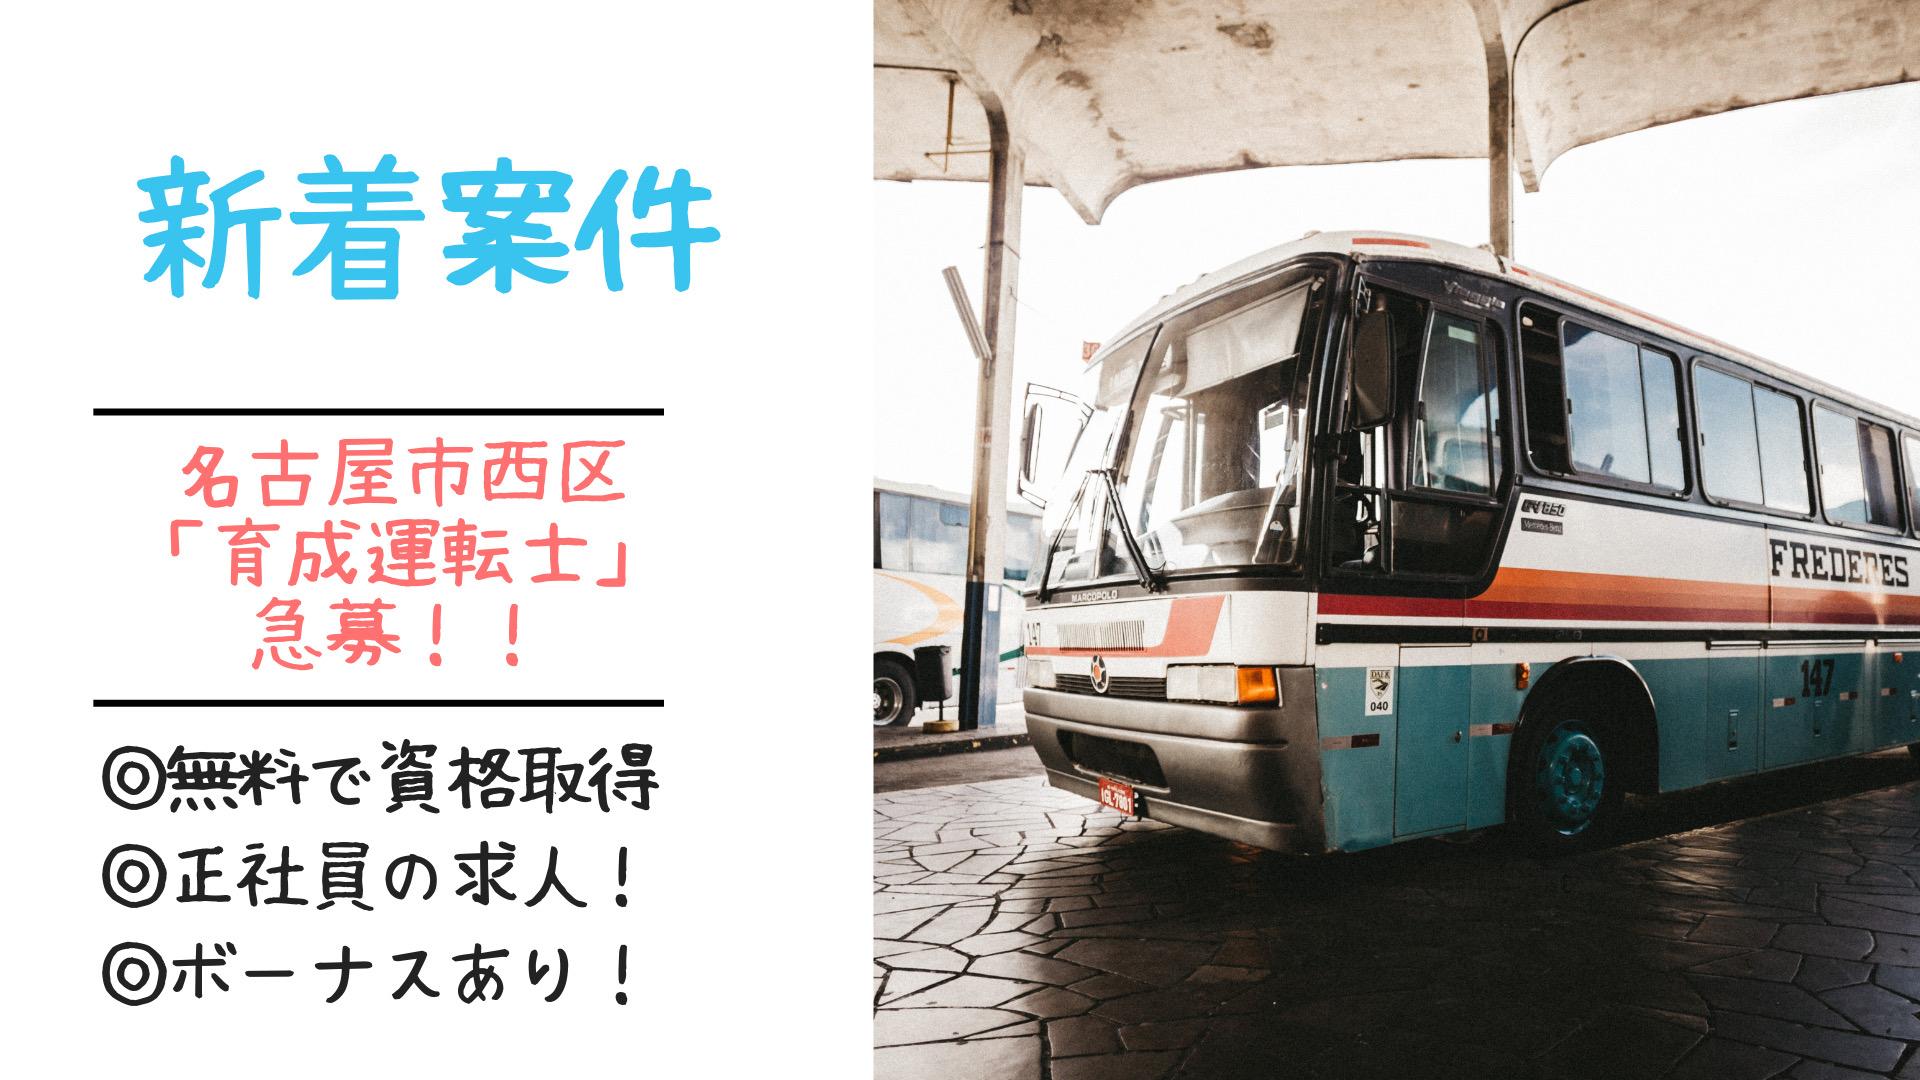 急募【名古屋市西区・育成運転士】最初から正社員として雇用!運転士としての技術を身につける研修期間から、安心して働ける環境を提供します イメージ